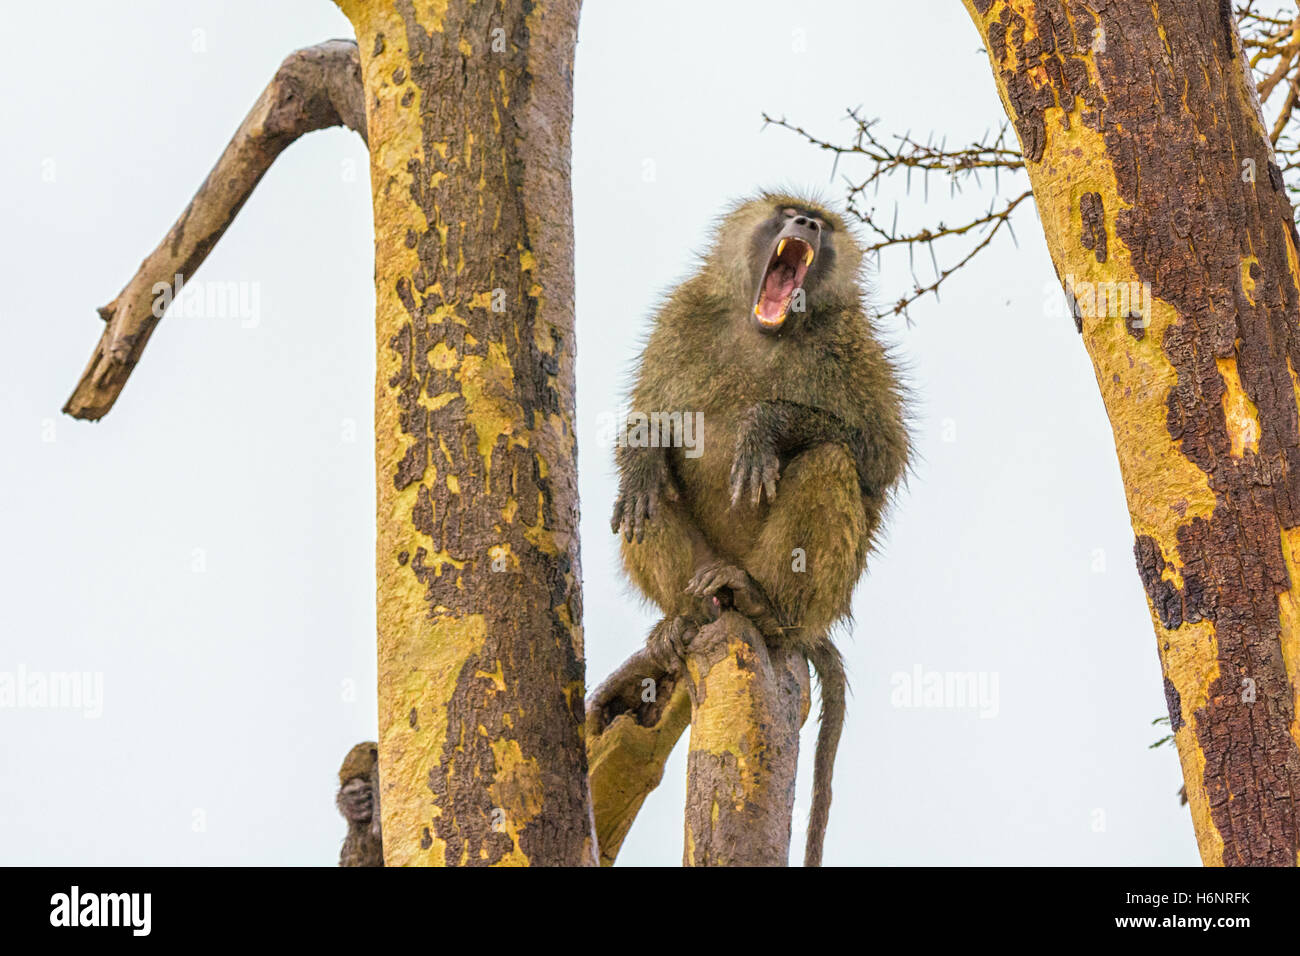 Einen Erwachsenen Wild Olive Baboon Papio Anubis, Gähnen mit einem breiten Mund mit Zähnen, Ol Pejeta Stockbild